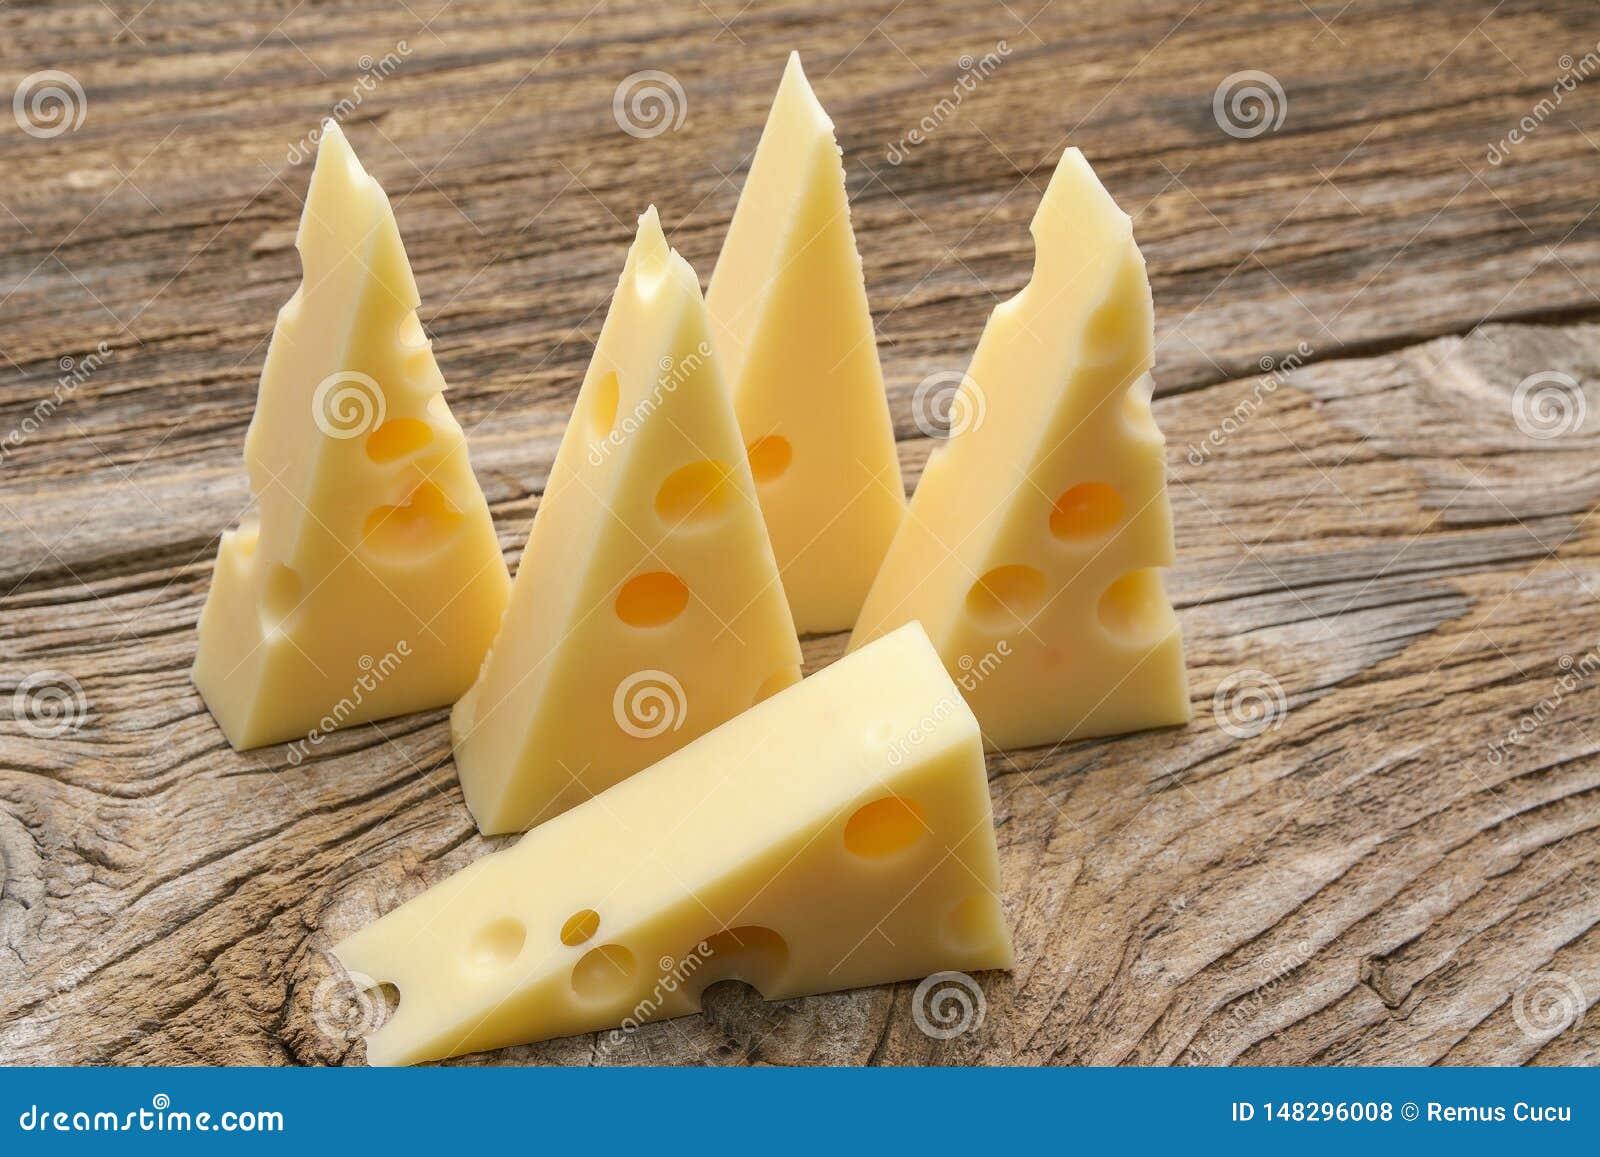 Τυρί με τις τρύπες μεγάλες και μικρές στο ξύλινο υπόβαθρο